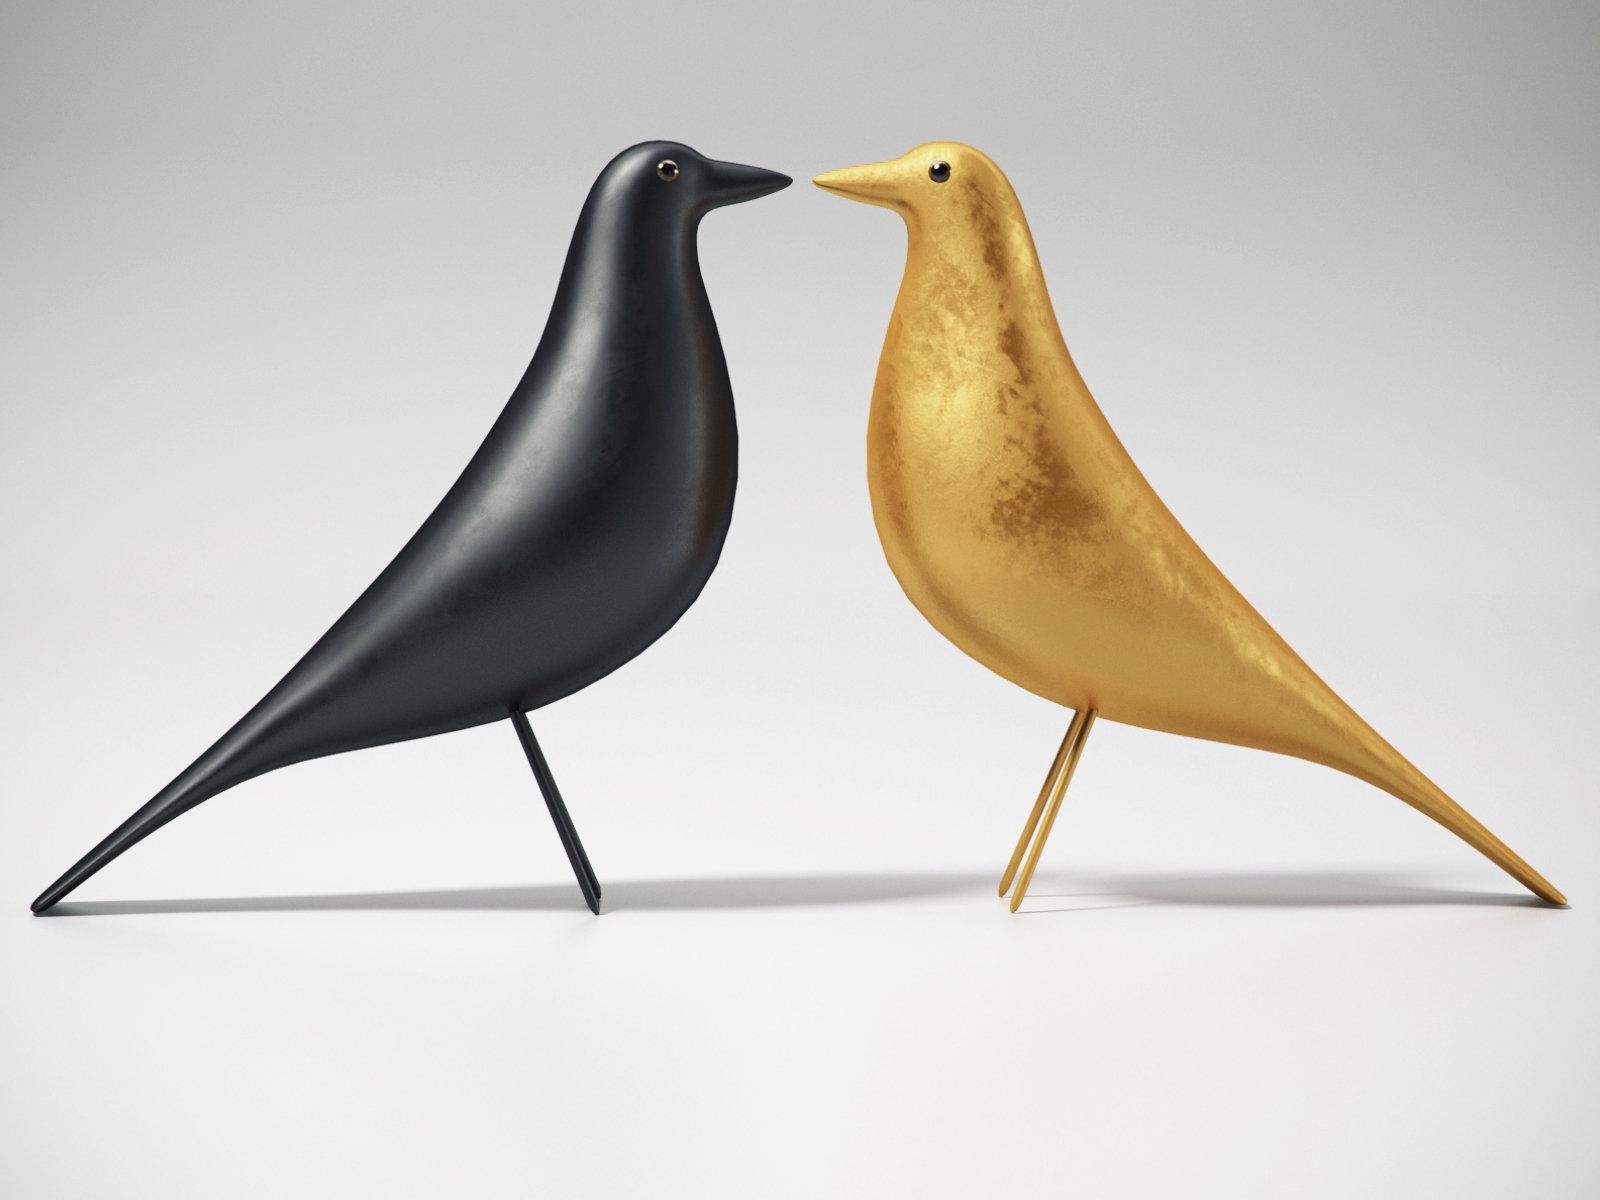 eames house bird 3d model vitra. Black Bedroom Furniture Sets. Home Design Ideas